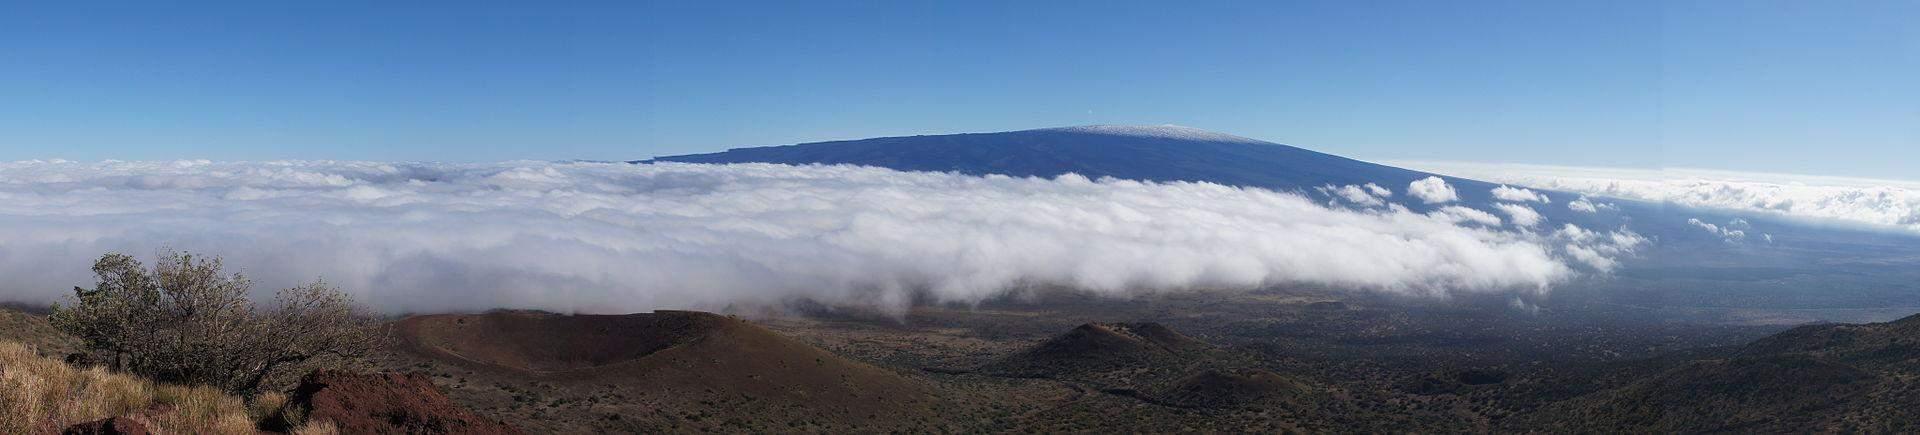 Мауна-Лоа